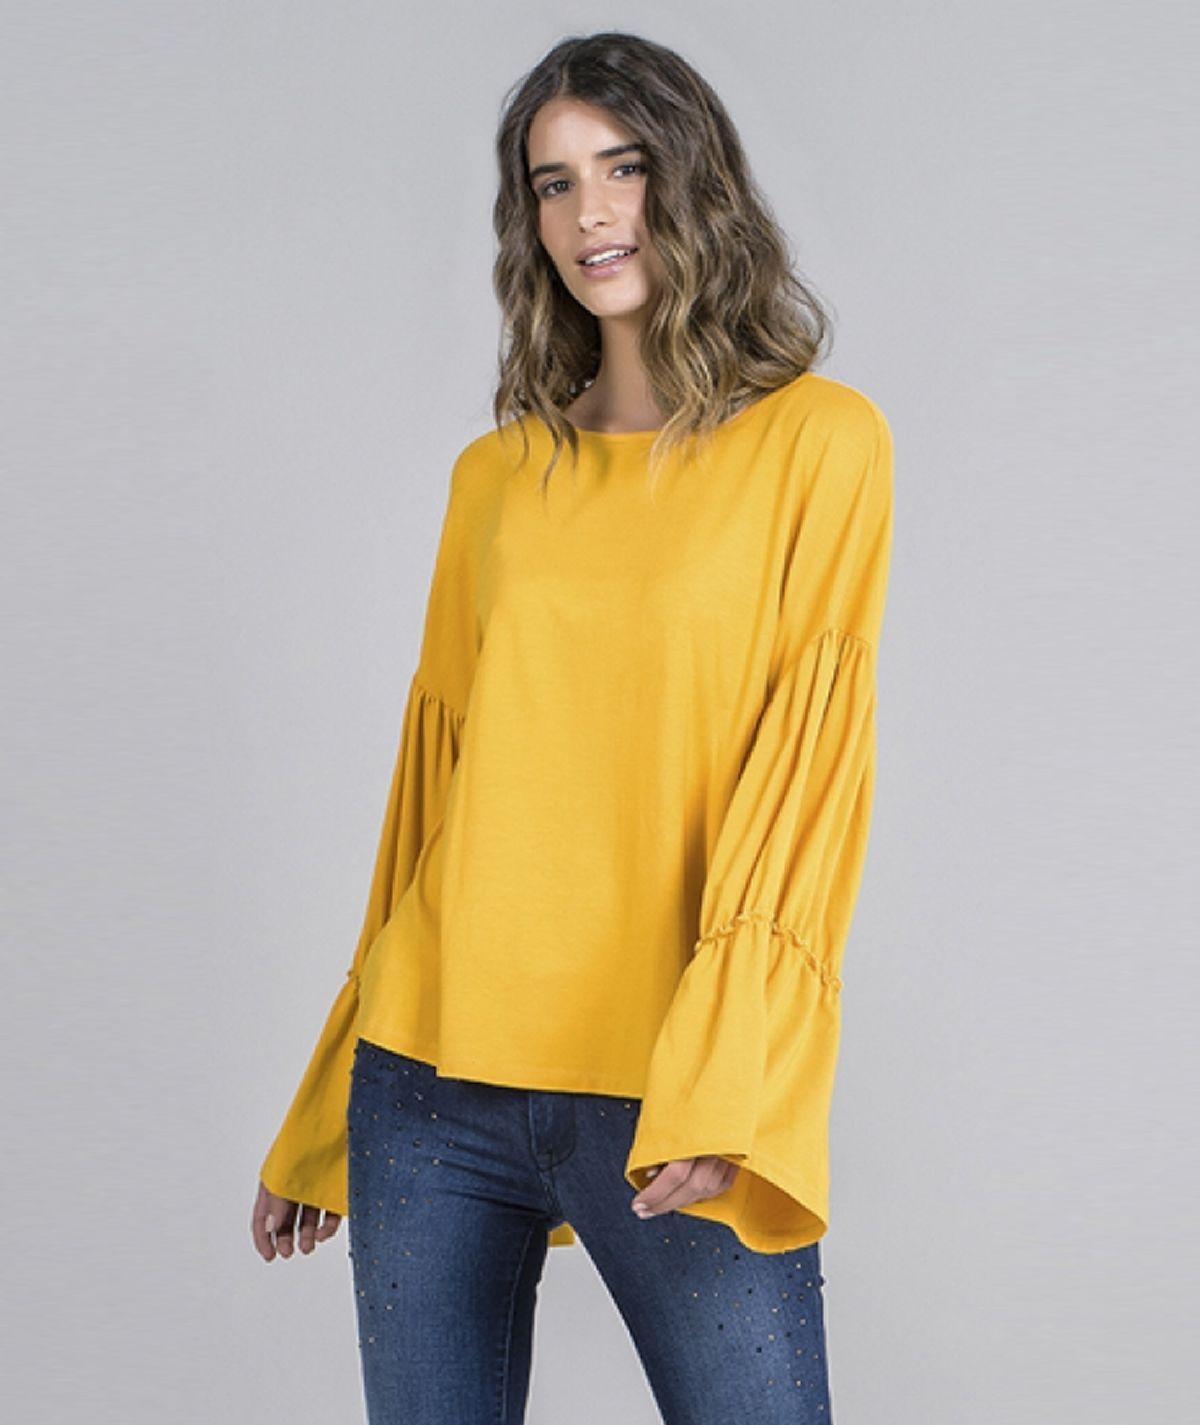 Blusa com mangas com folho